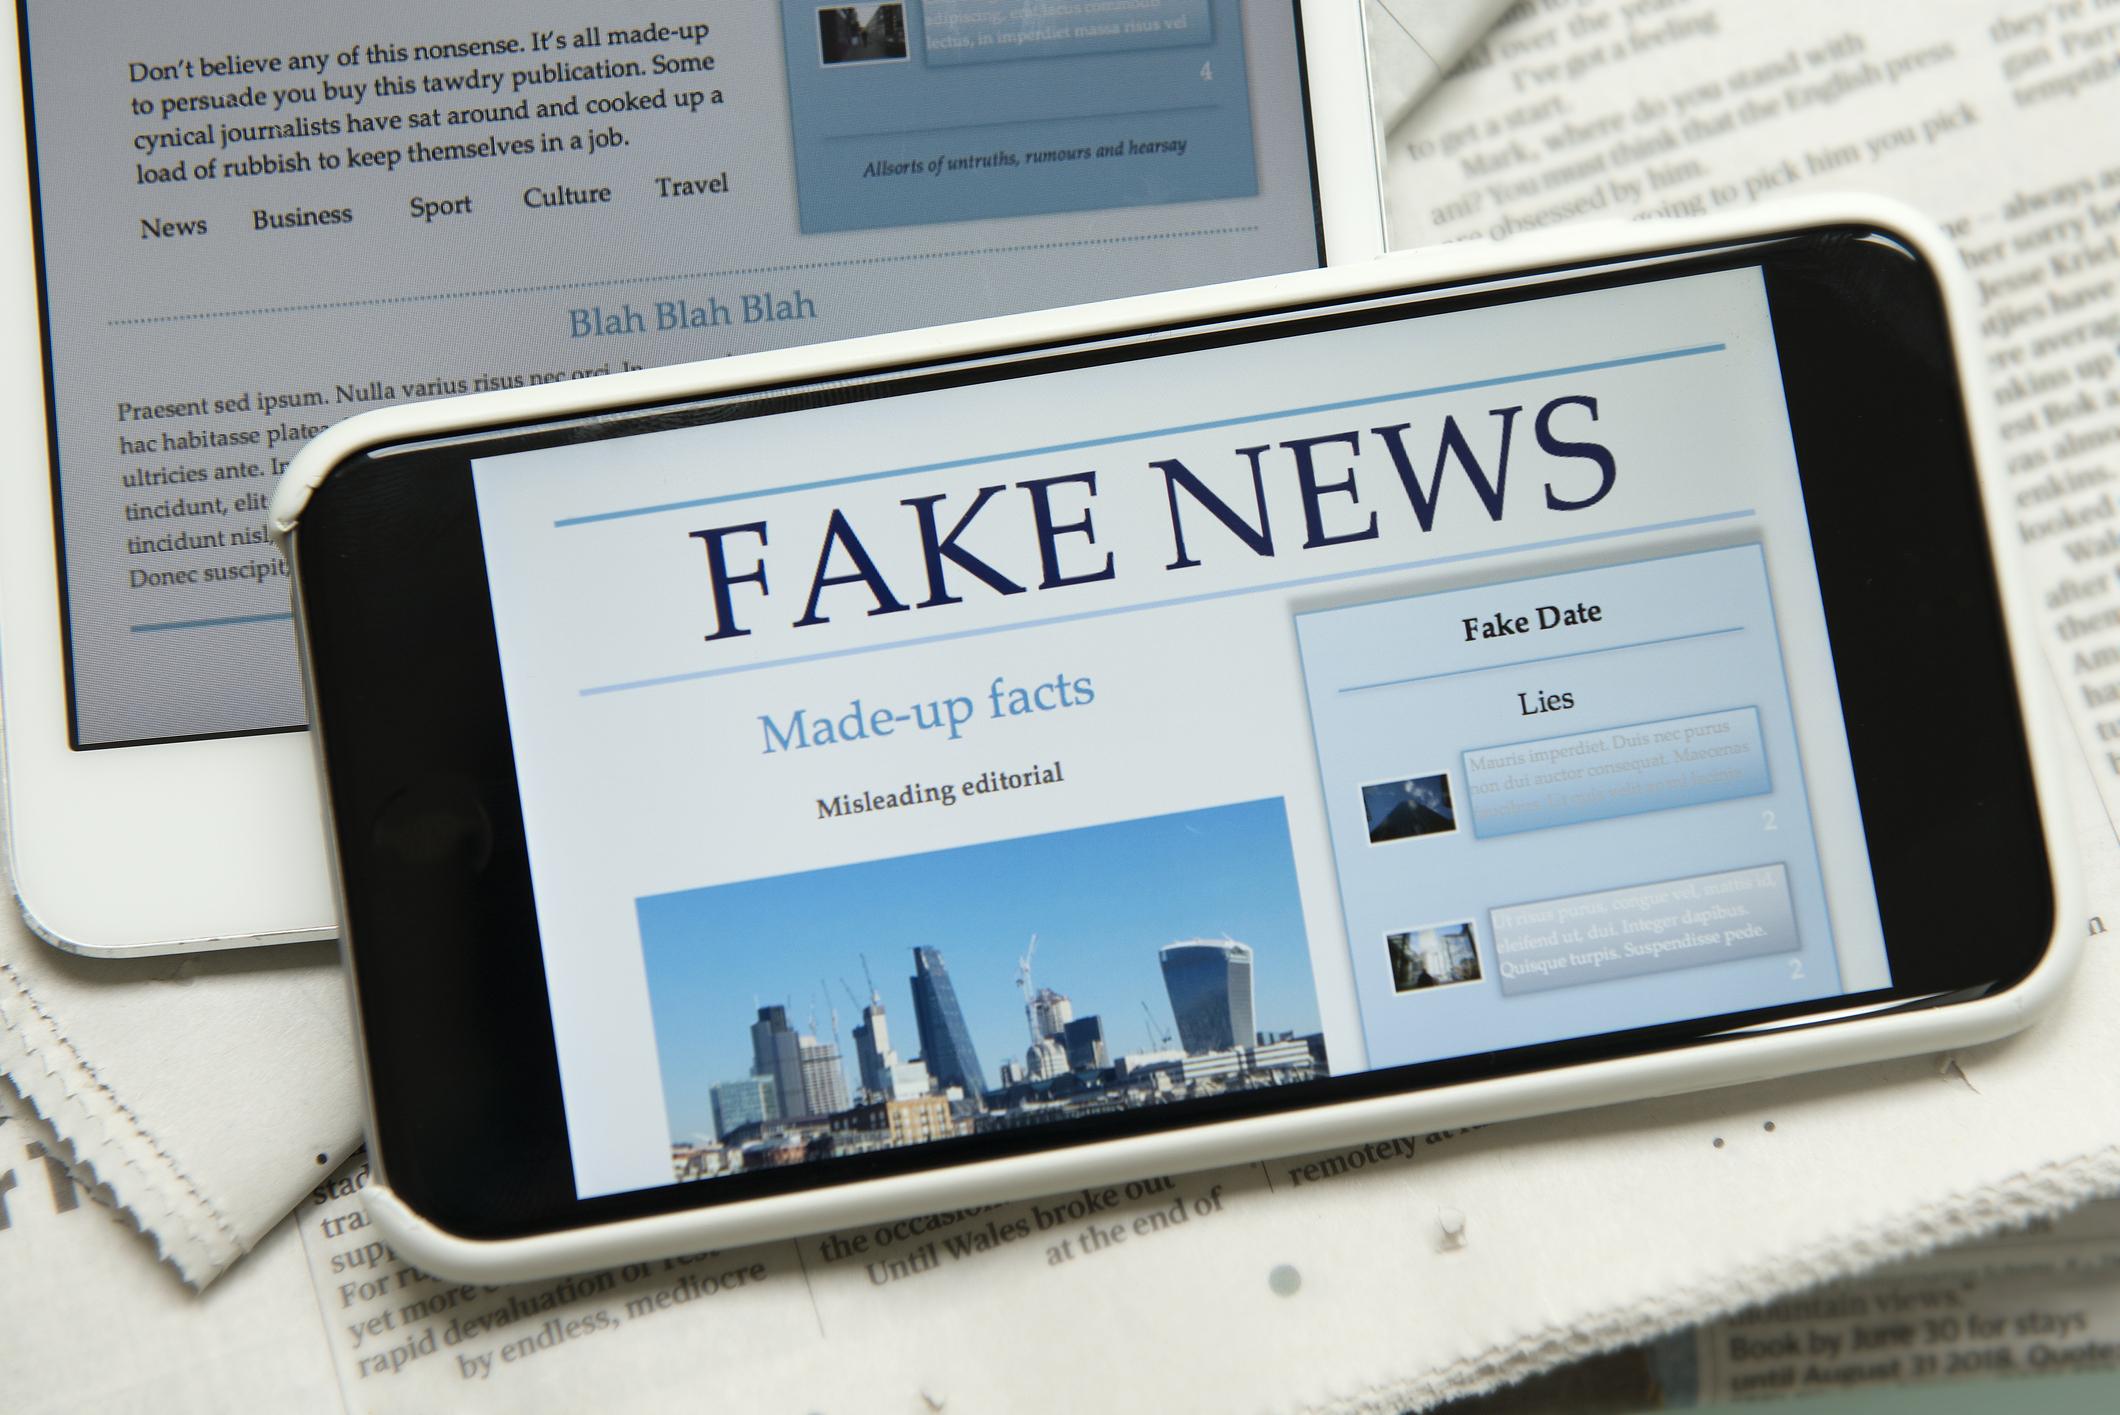 Seriöse News kann man oft ganz einfach von unseriösen unterscheiden